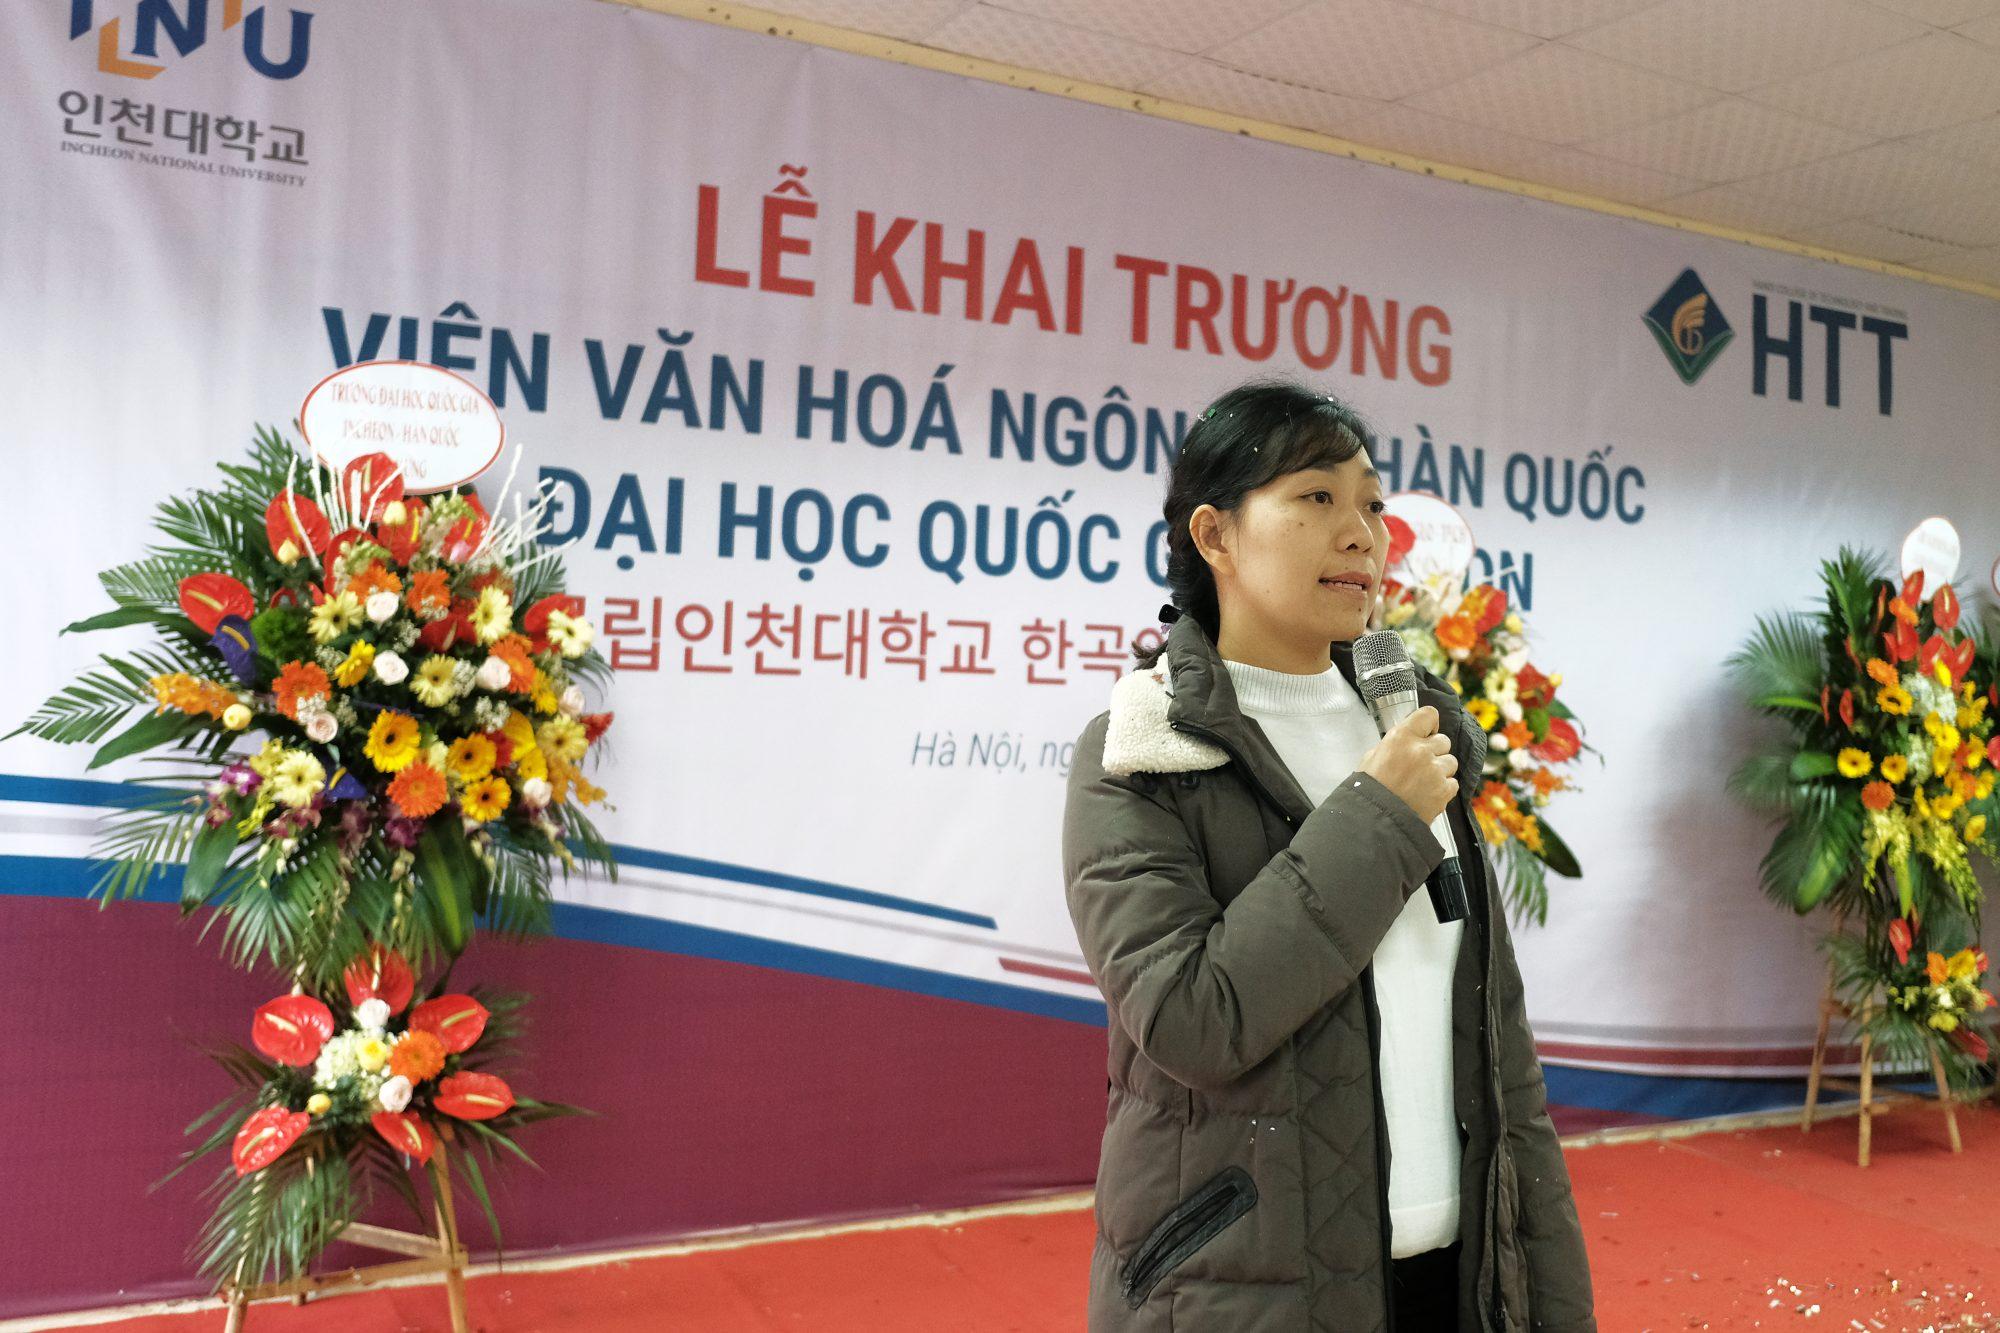 TS. Đoàn Thị Thu Hương - Phó Hiệu trưởng phụ trách đối ngoại phát biểu tại buổi lễ